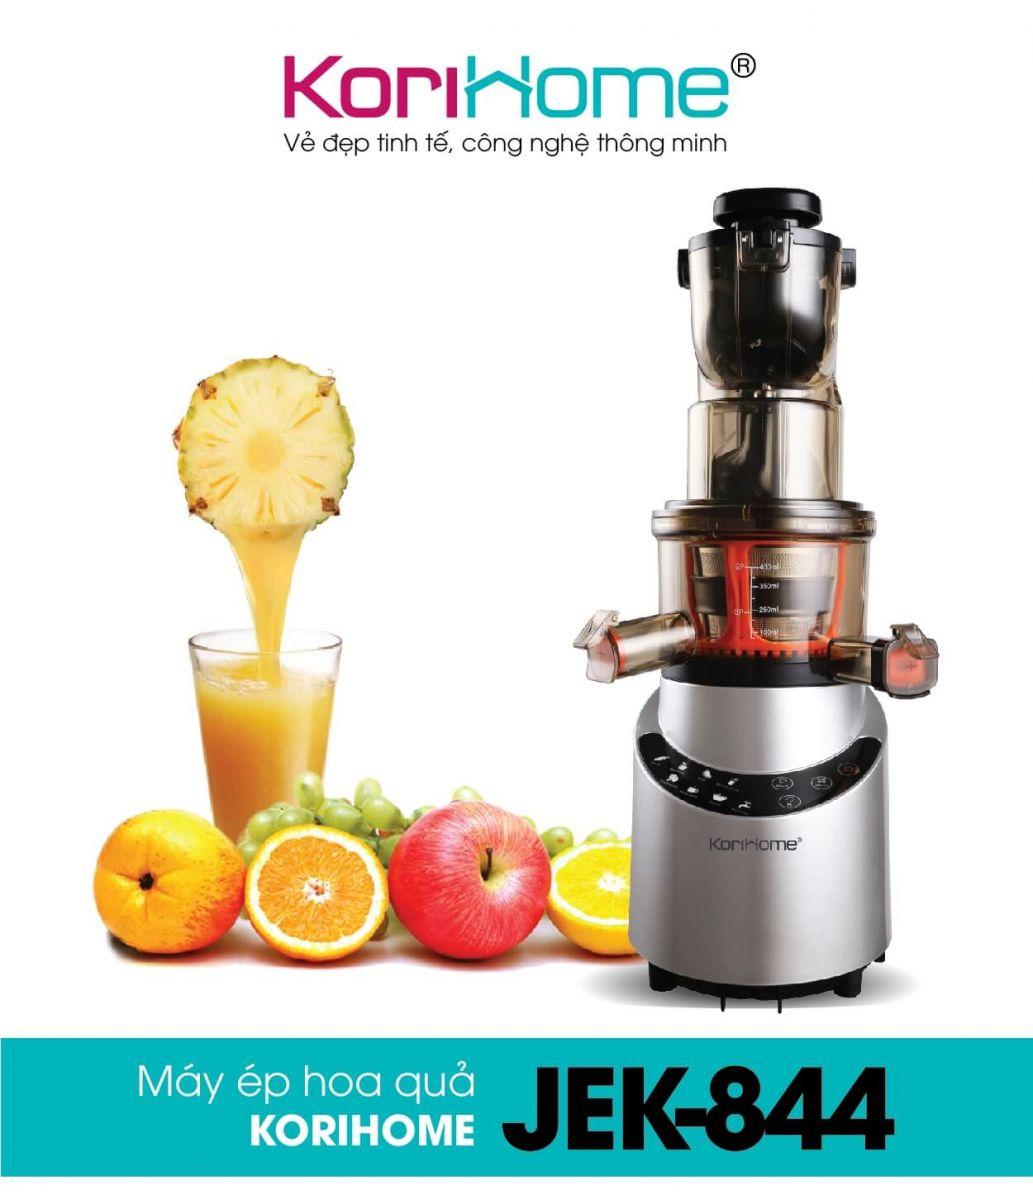 may-ep-hoa-qua-korihome-jek-844